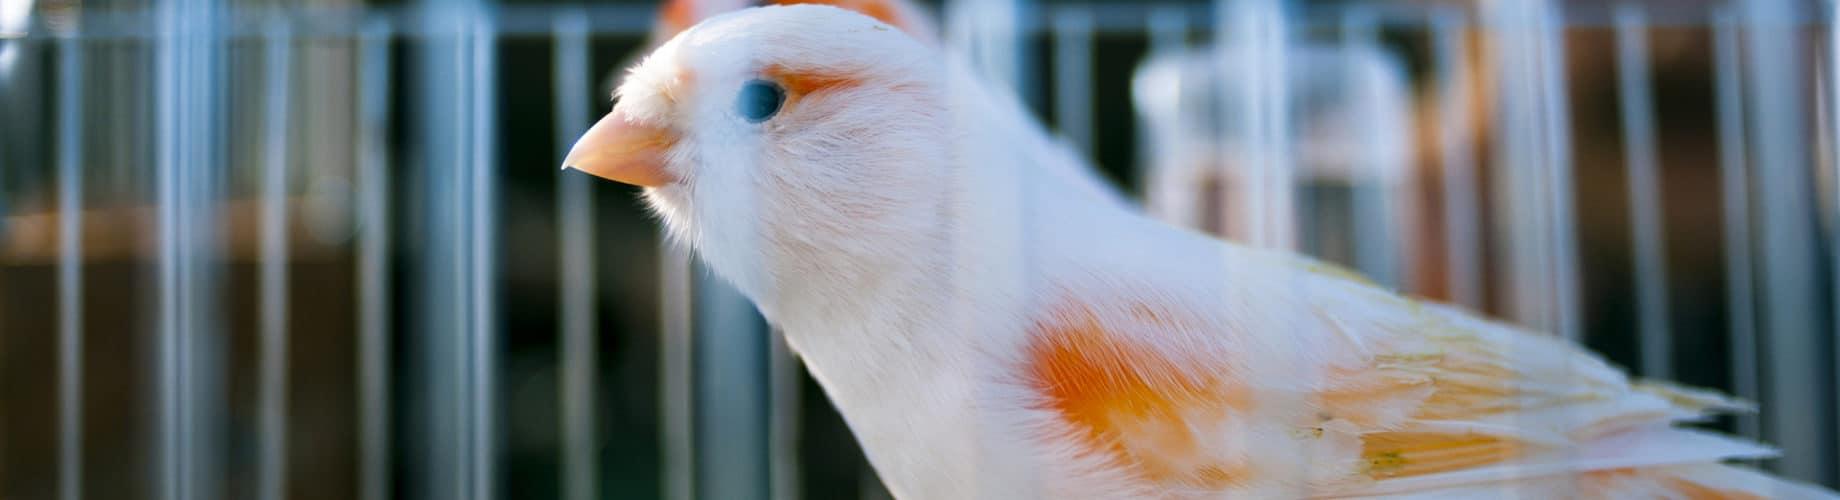 canario en una jaula para pájaros